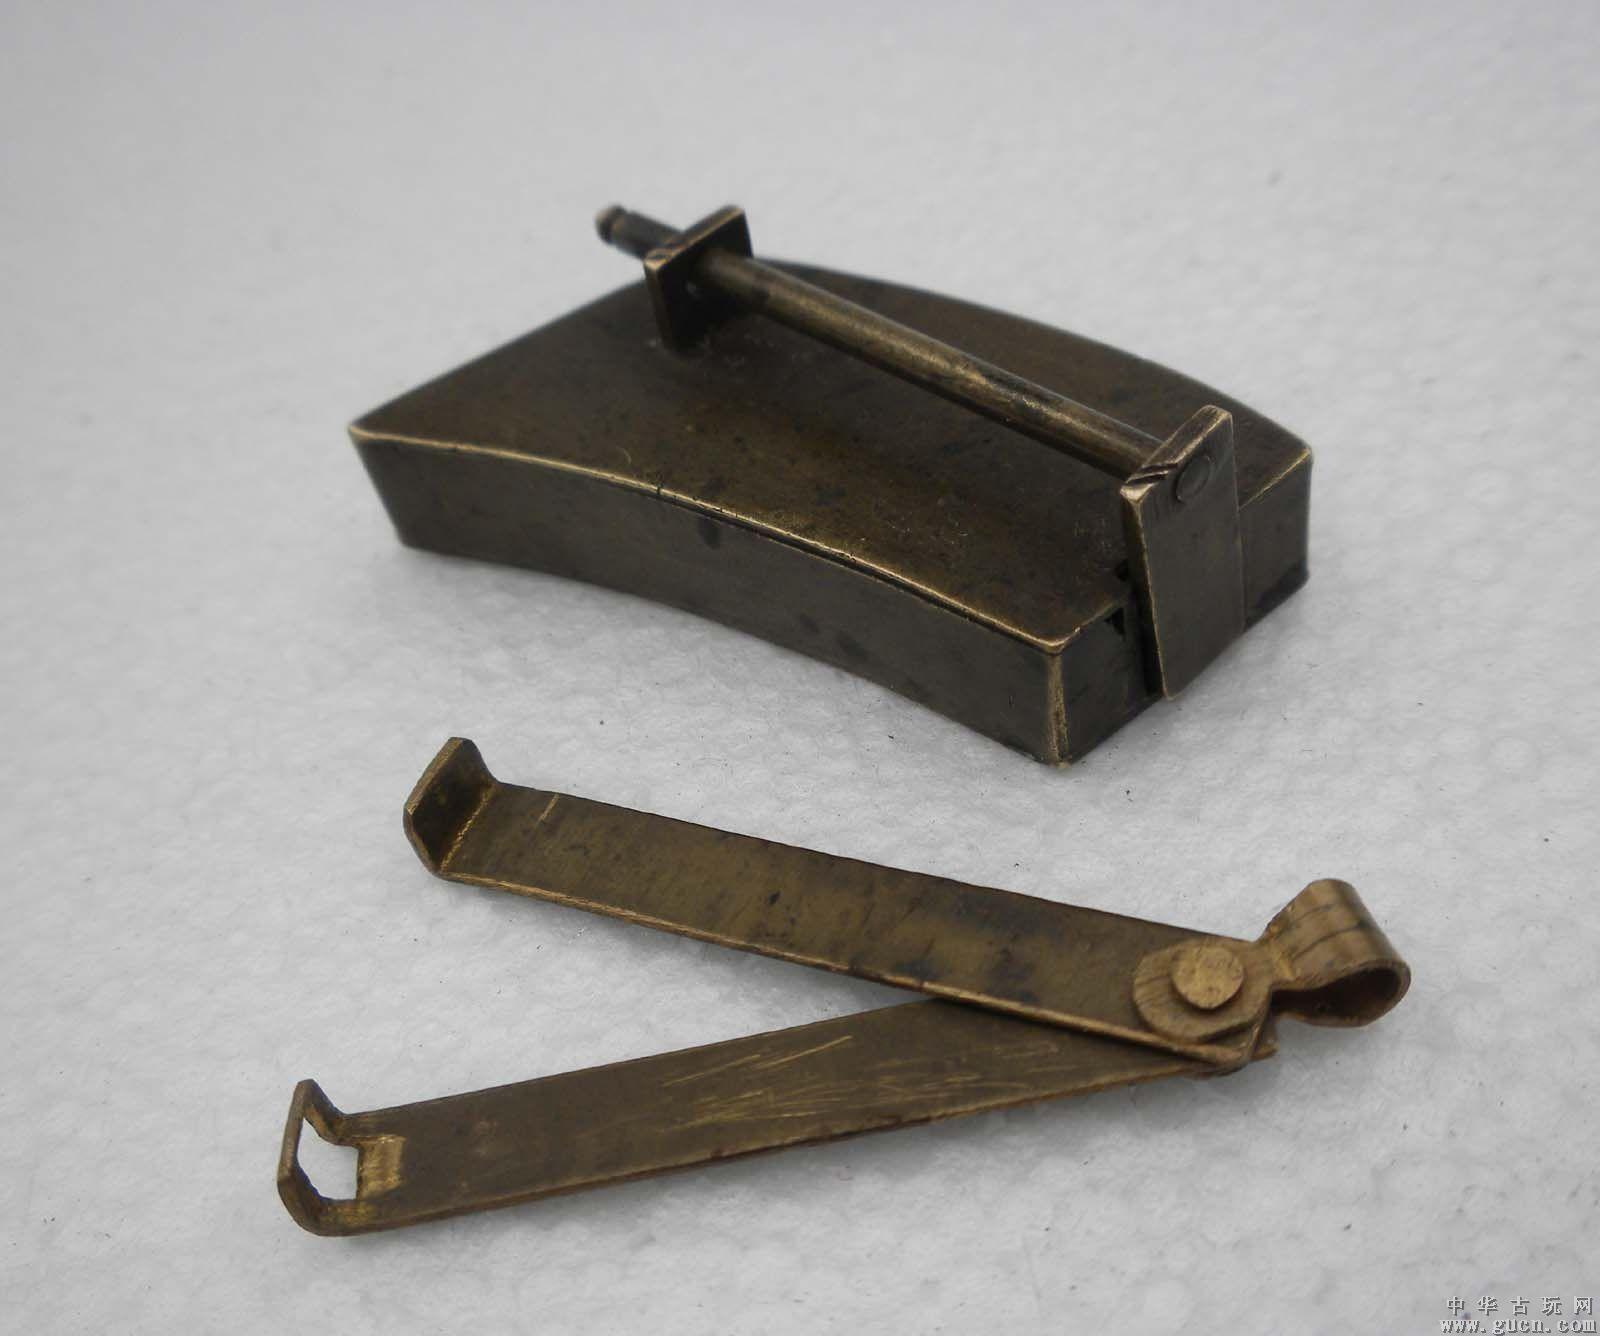 哪家拍卖公司拍卖铜锁成交率高